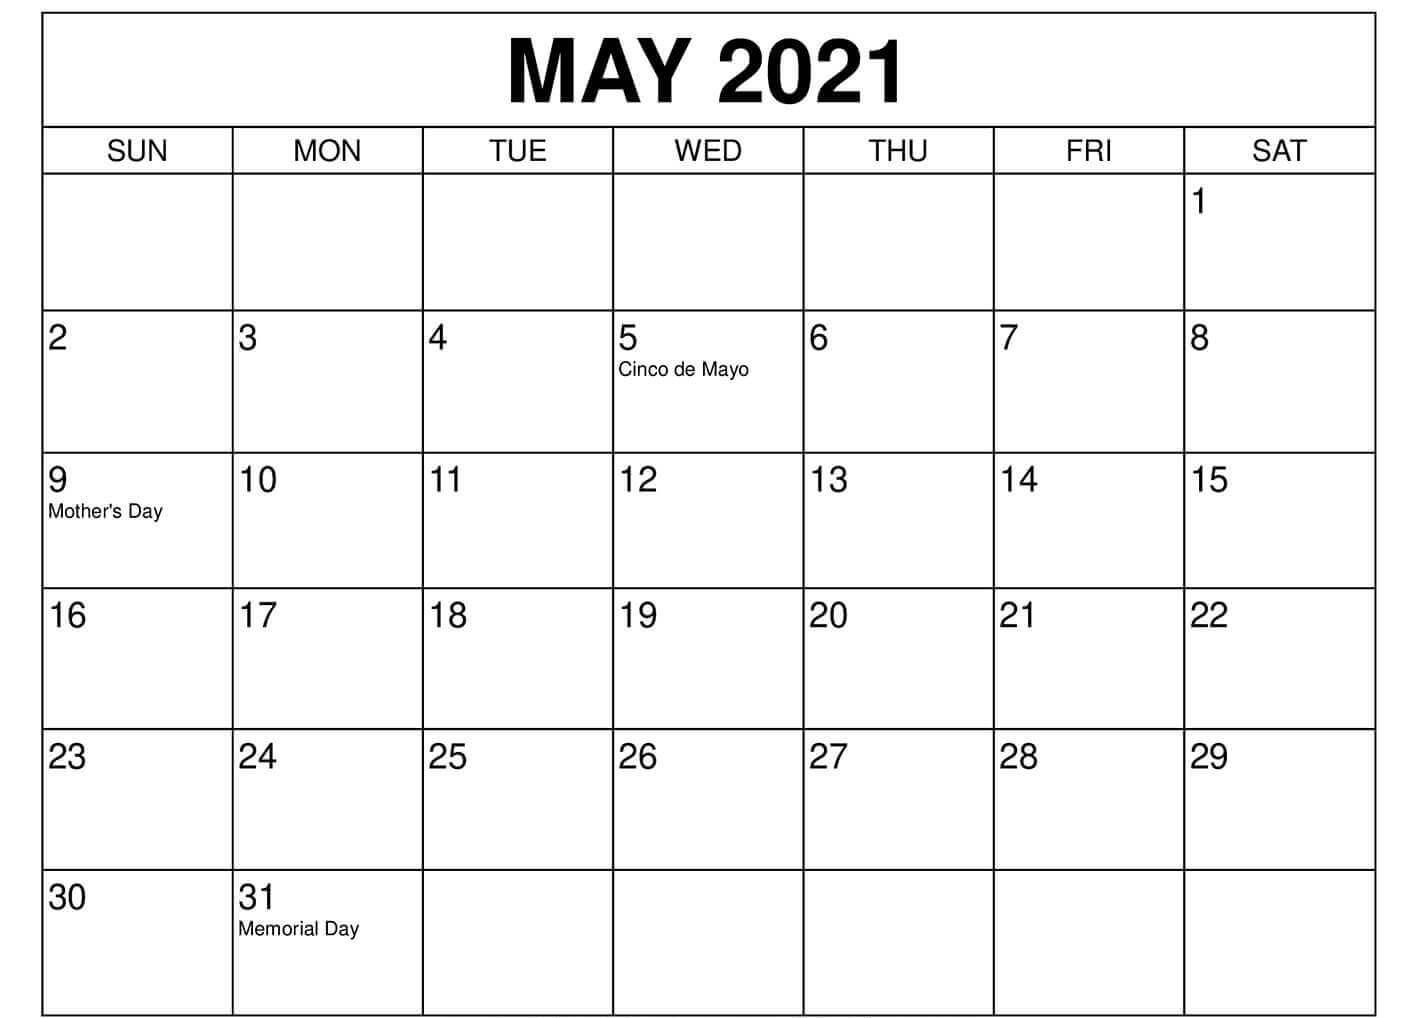 May Holidays Calendar 2021